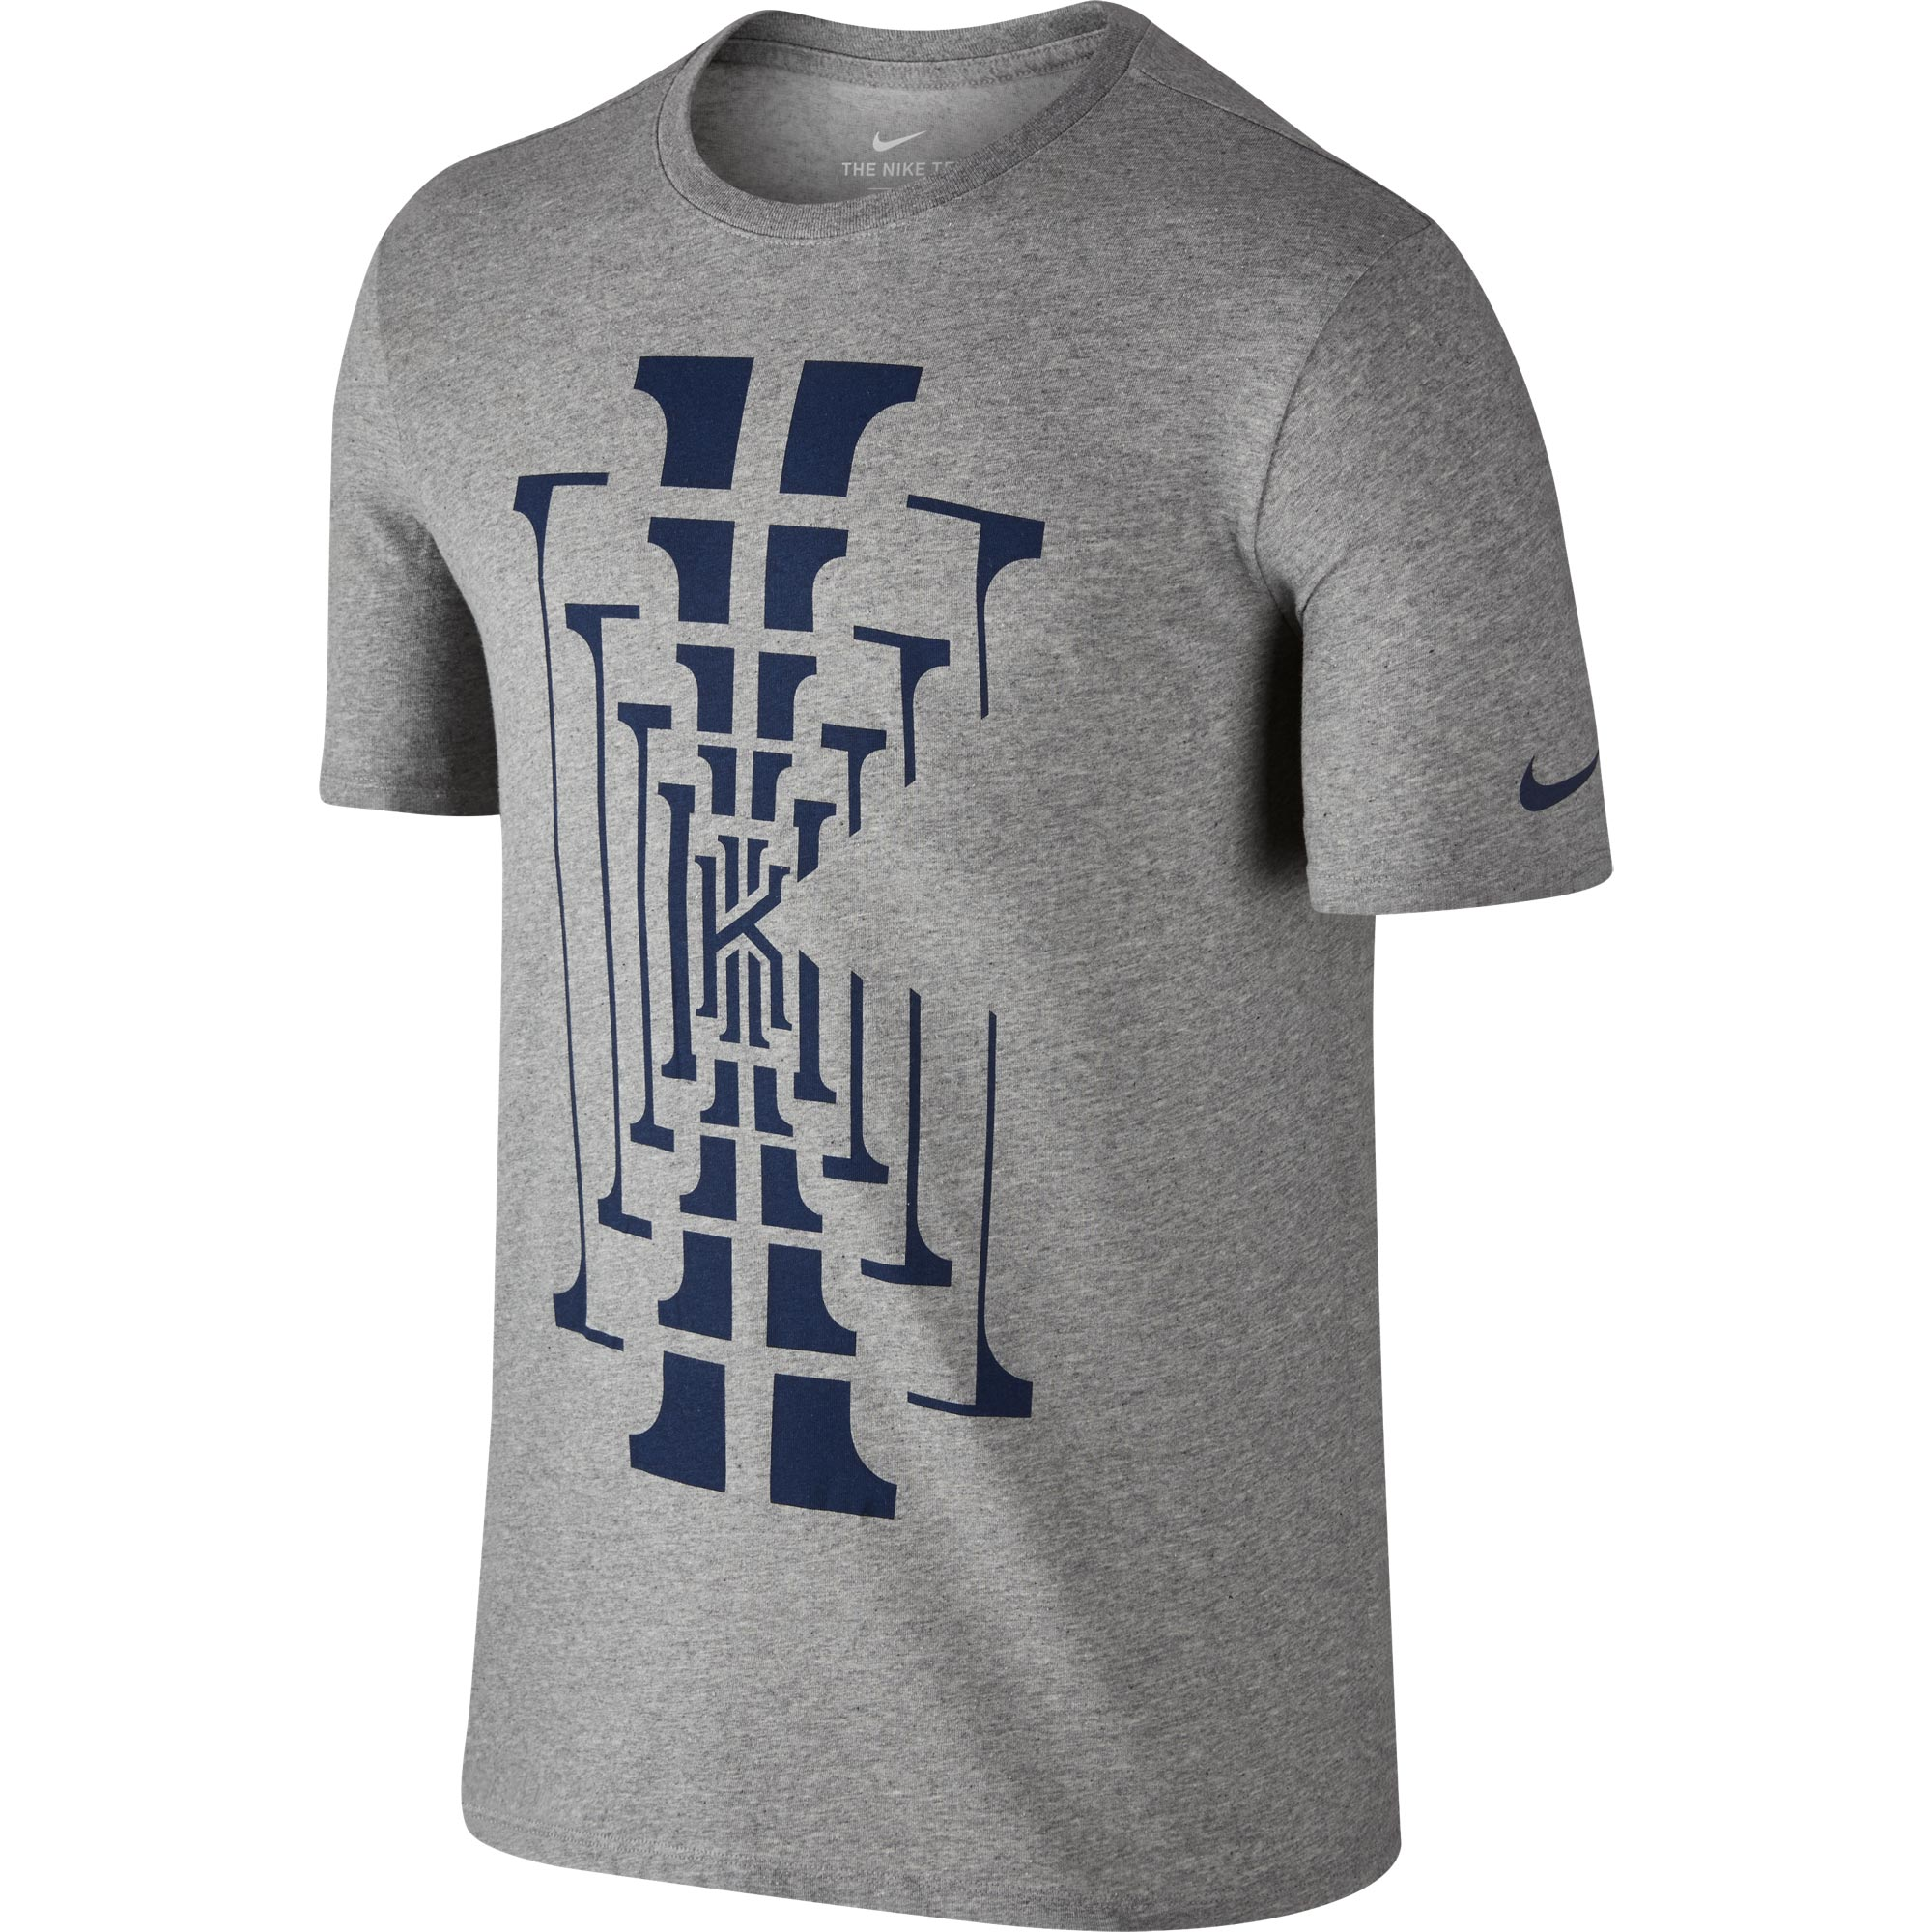 Nike Kyrie BM1 T-Shirt - Dark Grey Heather - Mens